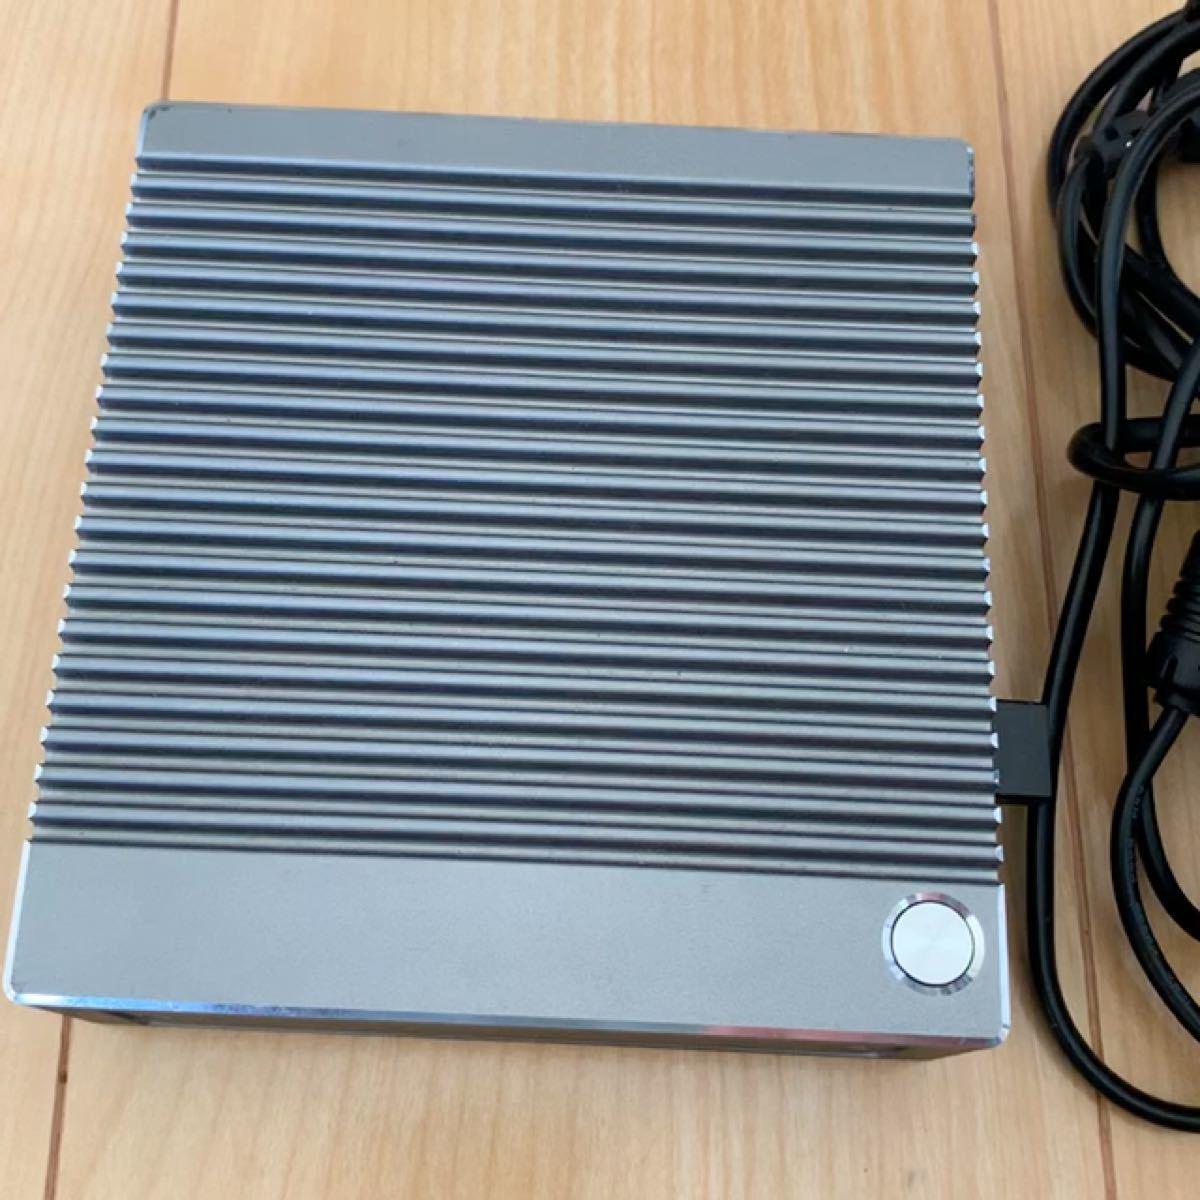 パソコン デスクトップ 小型パソコン 新品 skynew k3 Intel celeron N2840 Windows 10